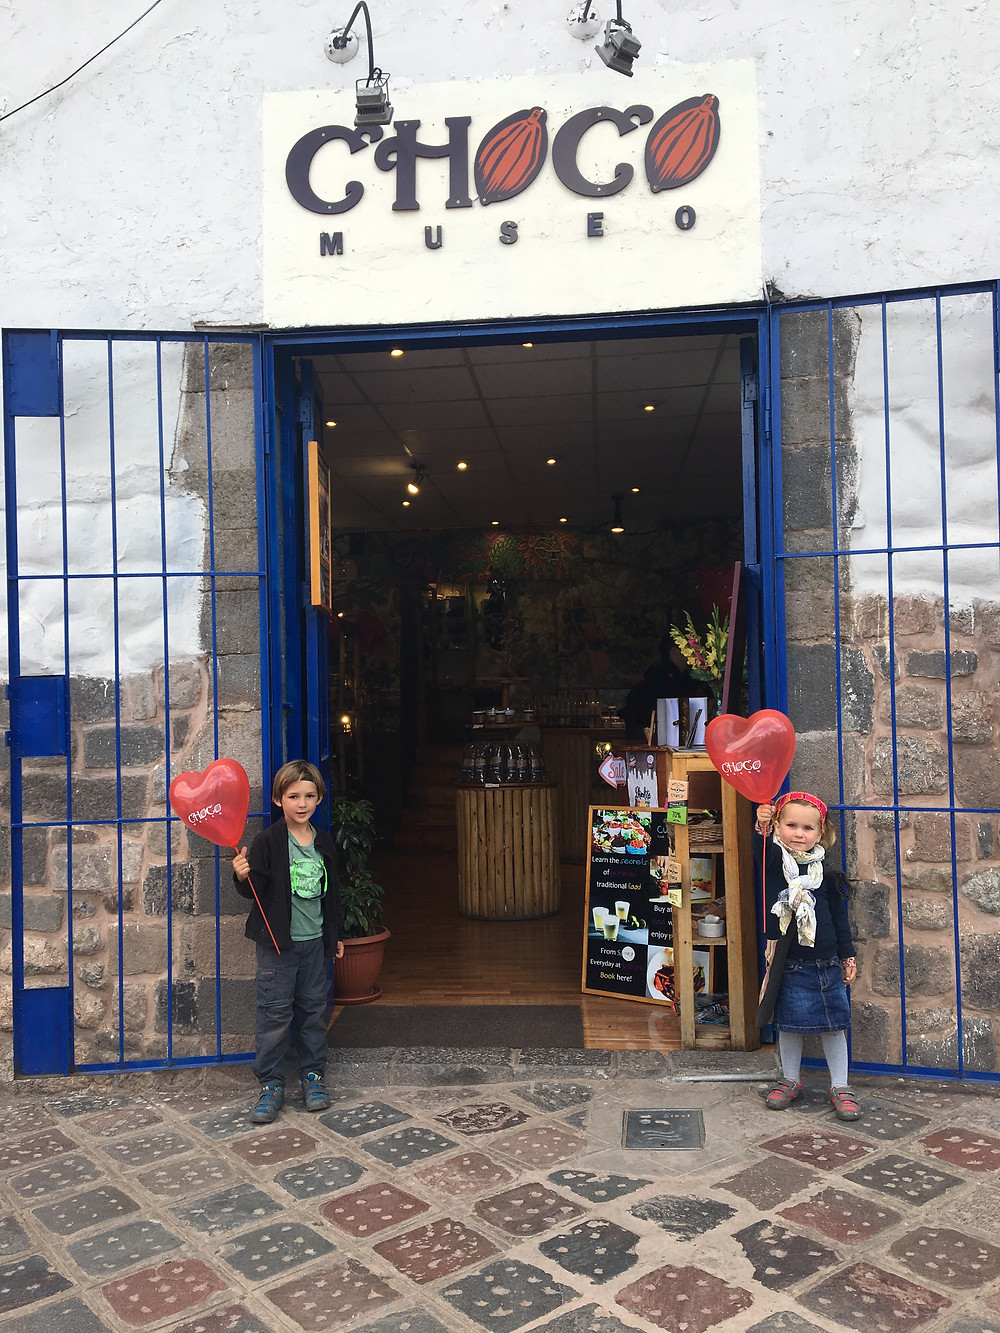 Choco Museo Cusco with kids